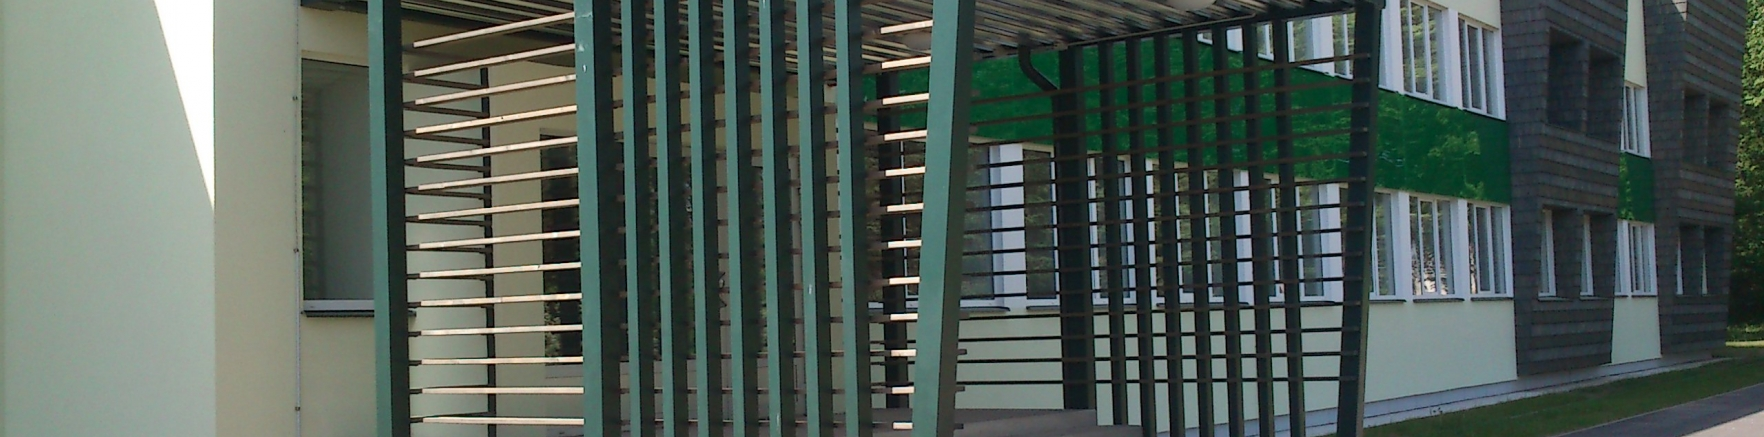 <h2>Metallitöö otse tootjalt</h2><p>Valmistame erinevaid ehitusega seotud metalltooteid</p>